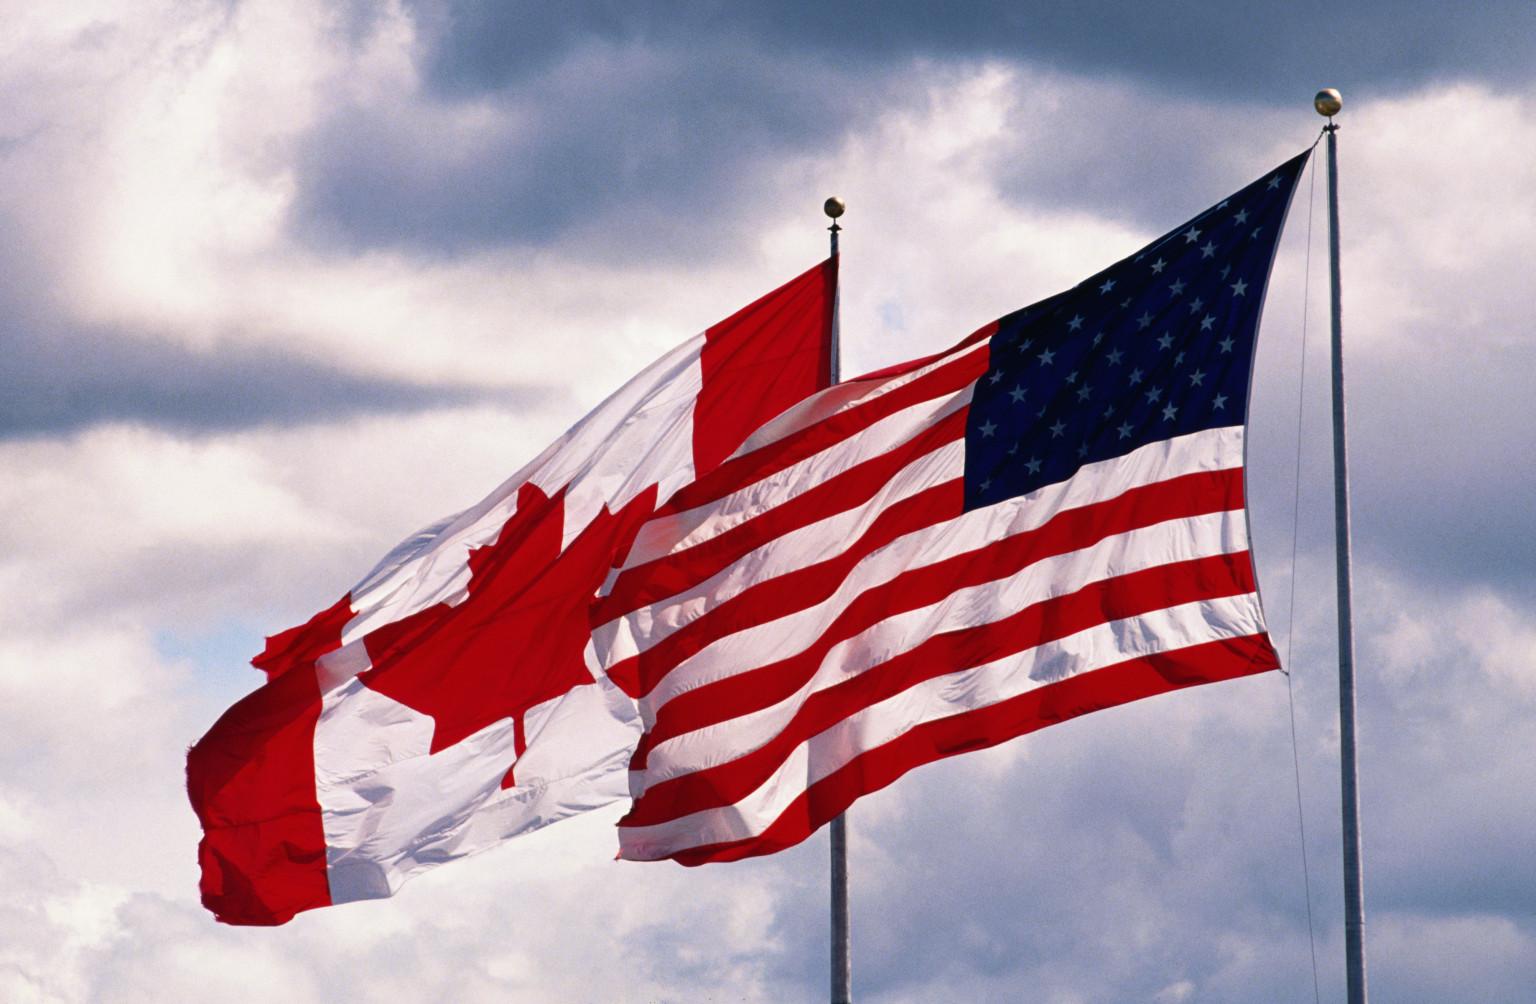 Можно ли получить визу США в Канаде?